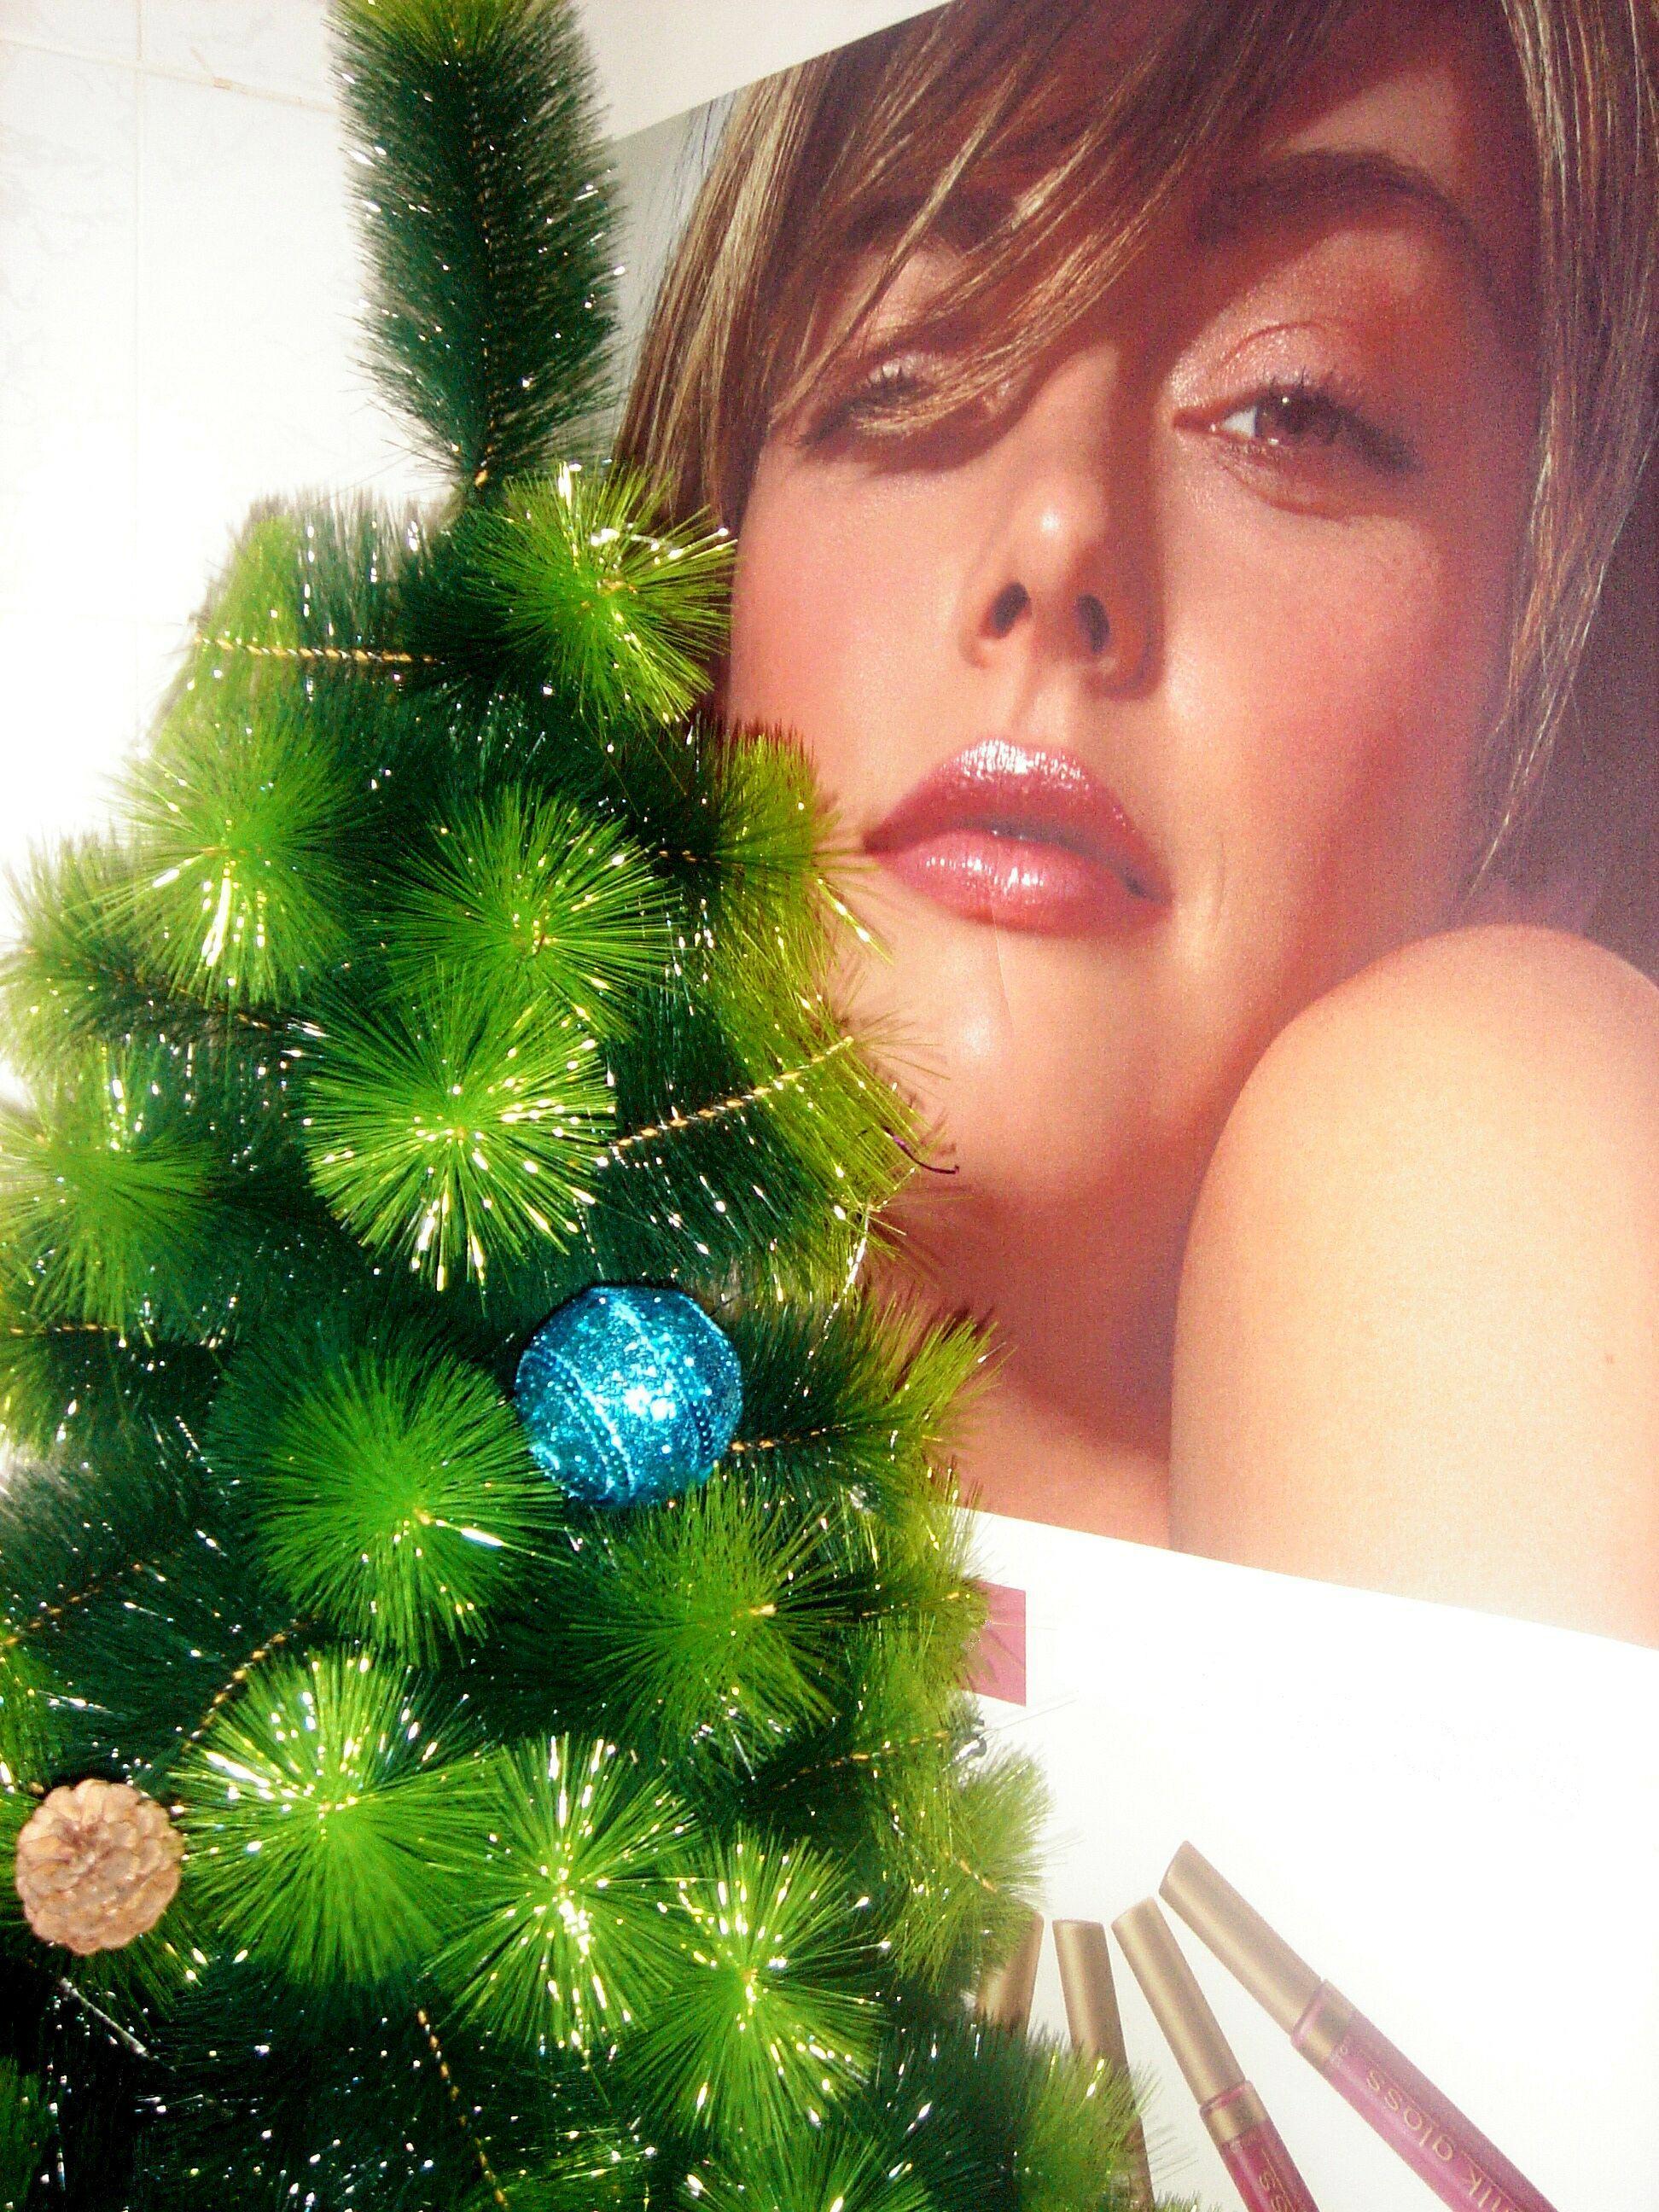 Girl with fir christmas tree photo